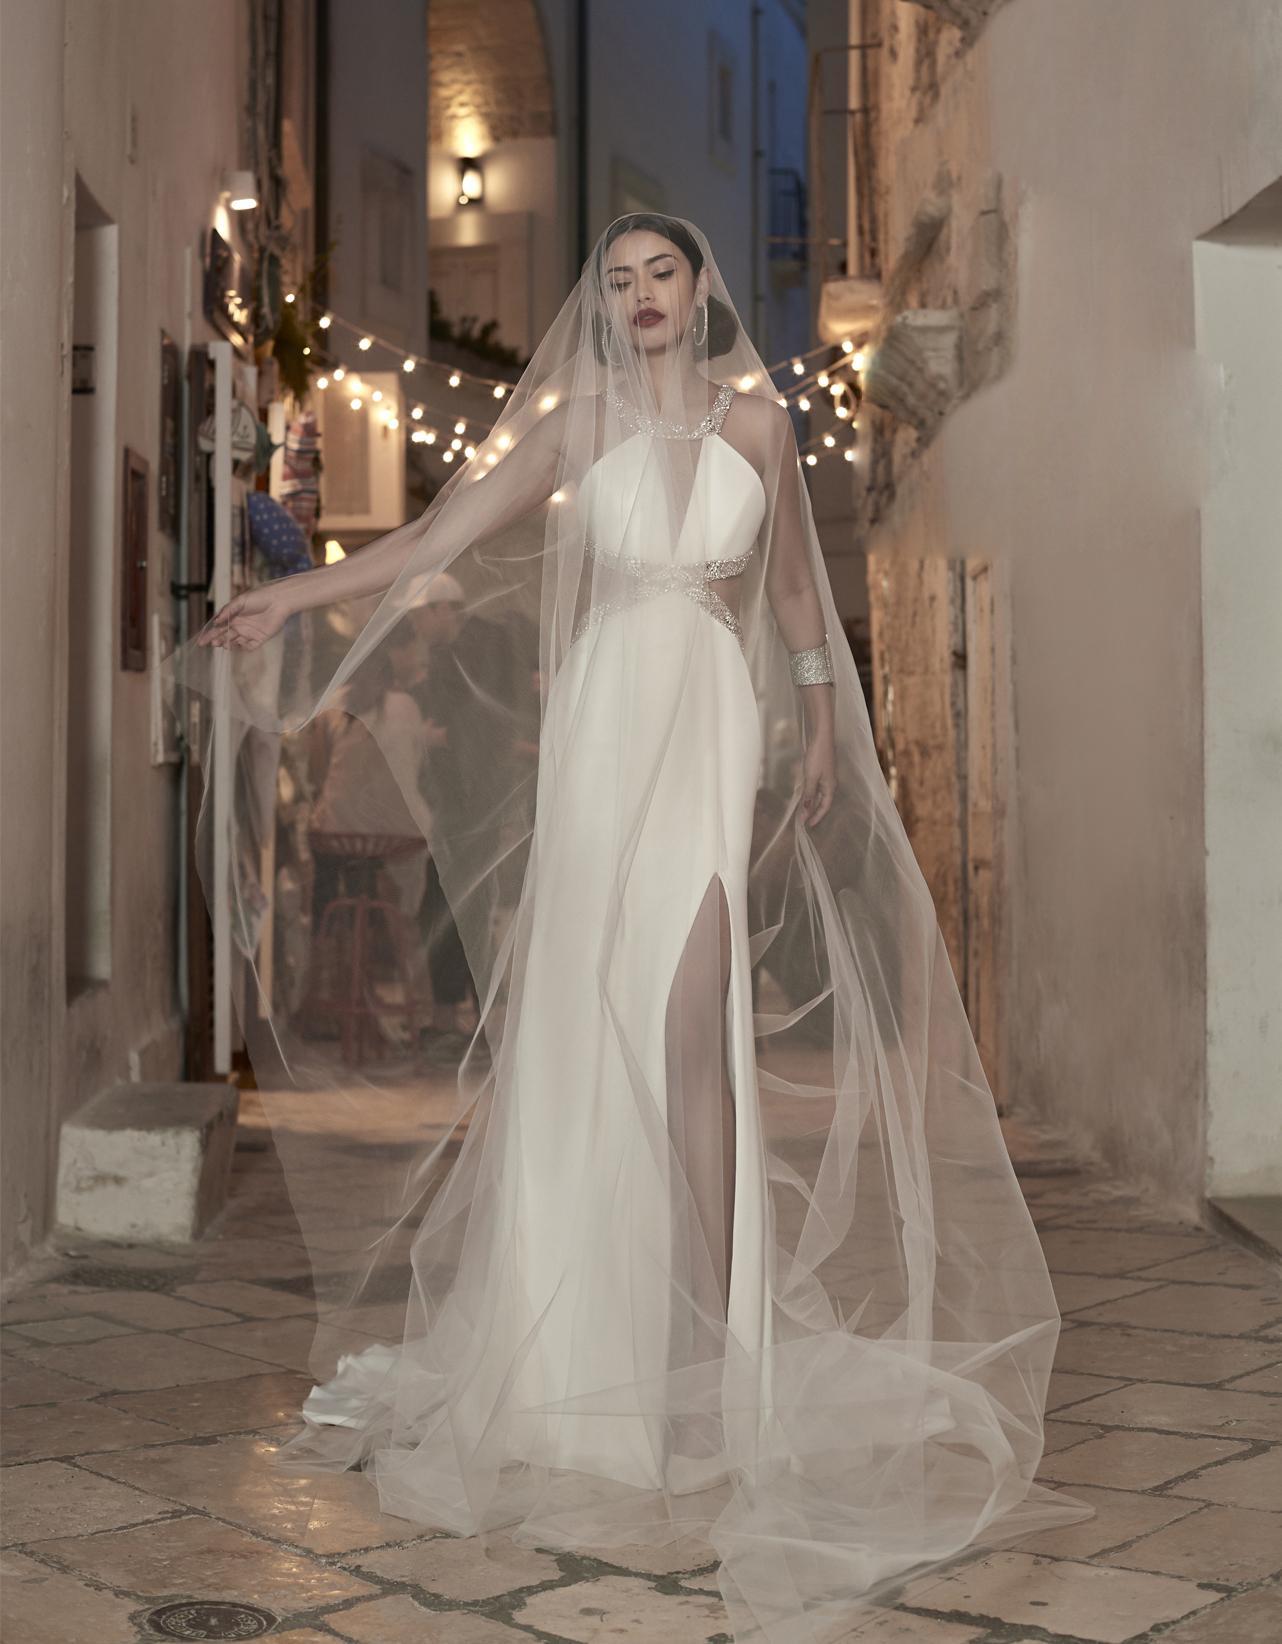 Сексуальные высокие свадебные русалки свадебные платья роскошные кристаллические блестки сатин Beashblob Beach Roys de Mariee Train Rear Country Trupet Bridal